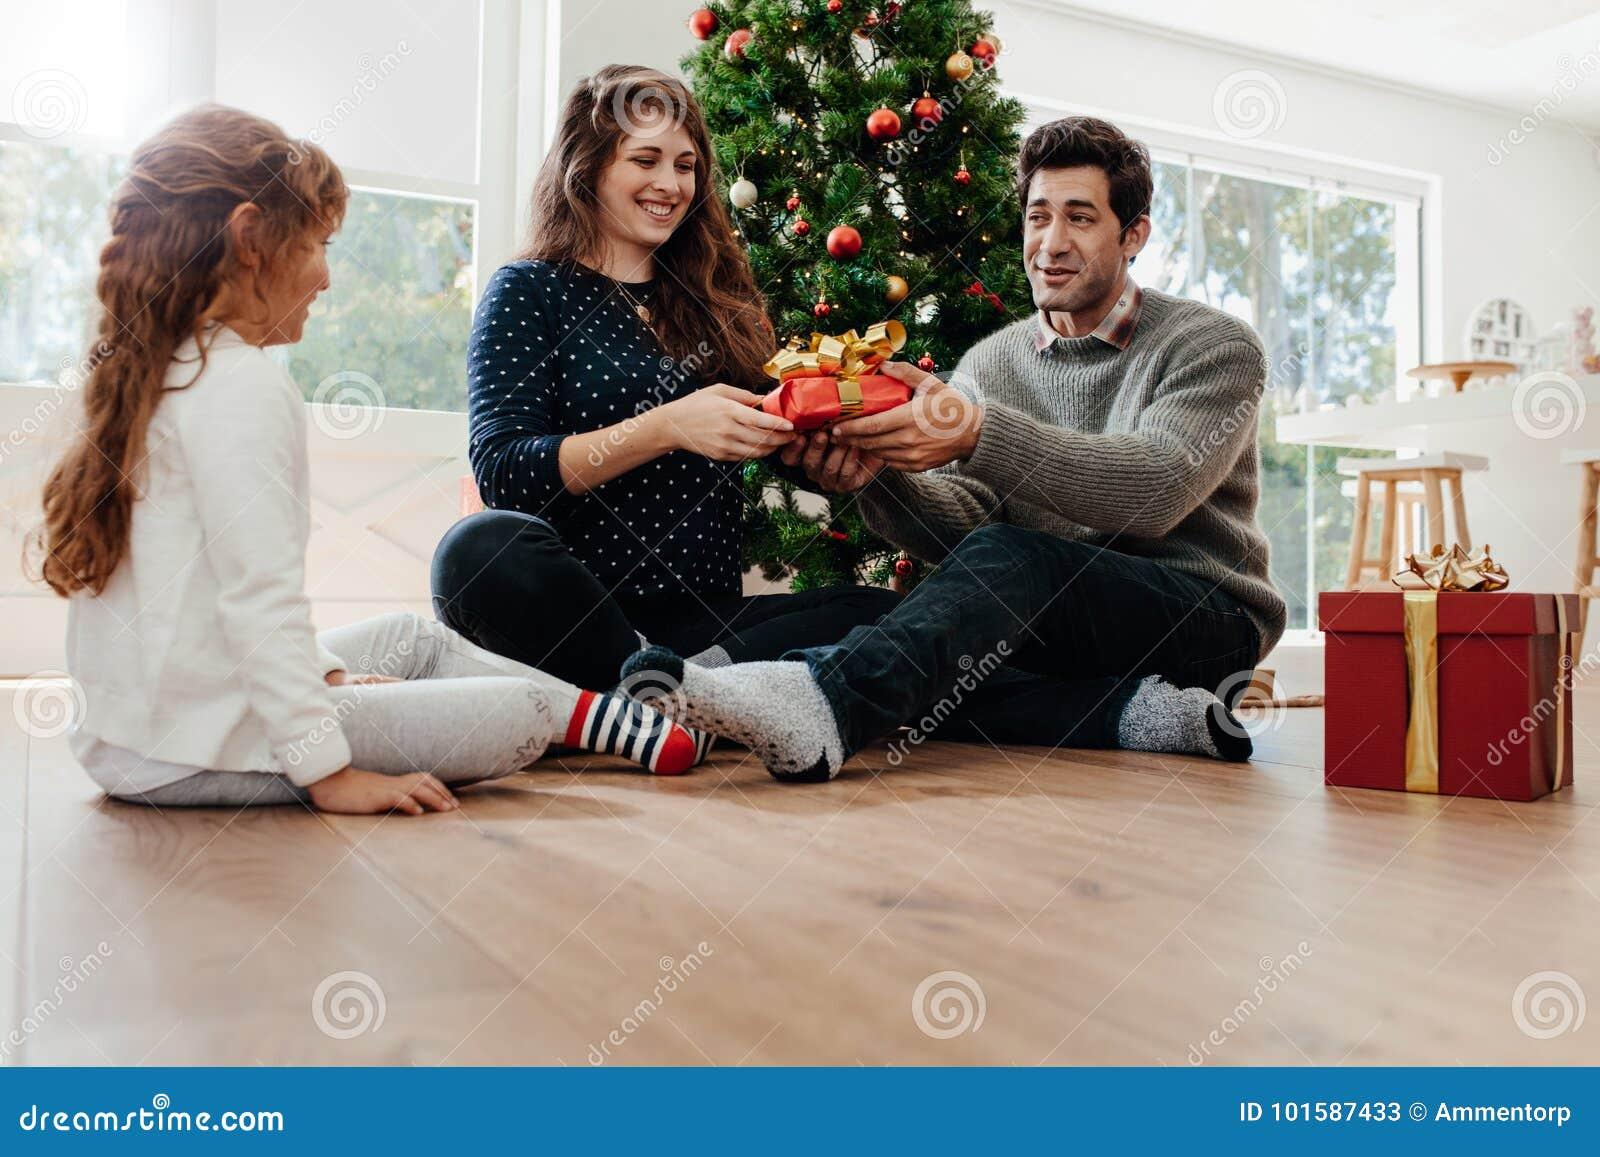 Los jóvenes juntan la celebración de la Navidad con su hija